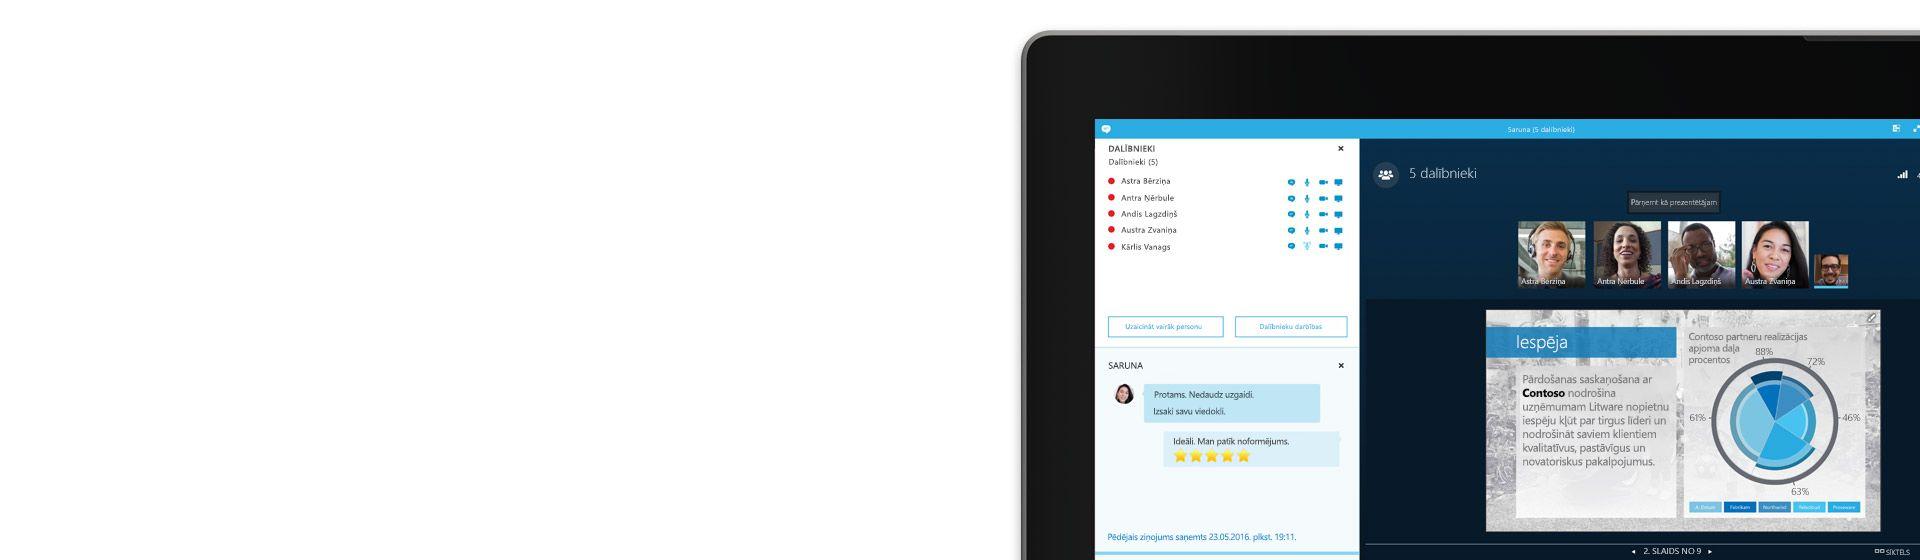 Klēpjdatora ekrāna stūris, kurā redzama notiekoša Skype darbam sapulce ar dalībnieku sarakstu